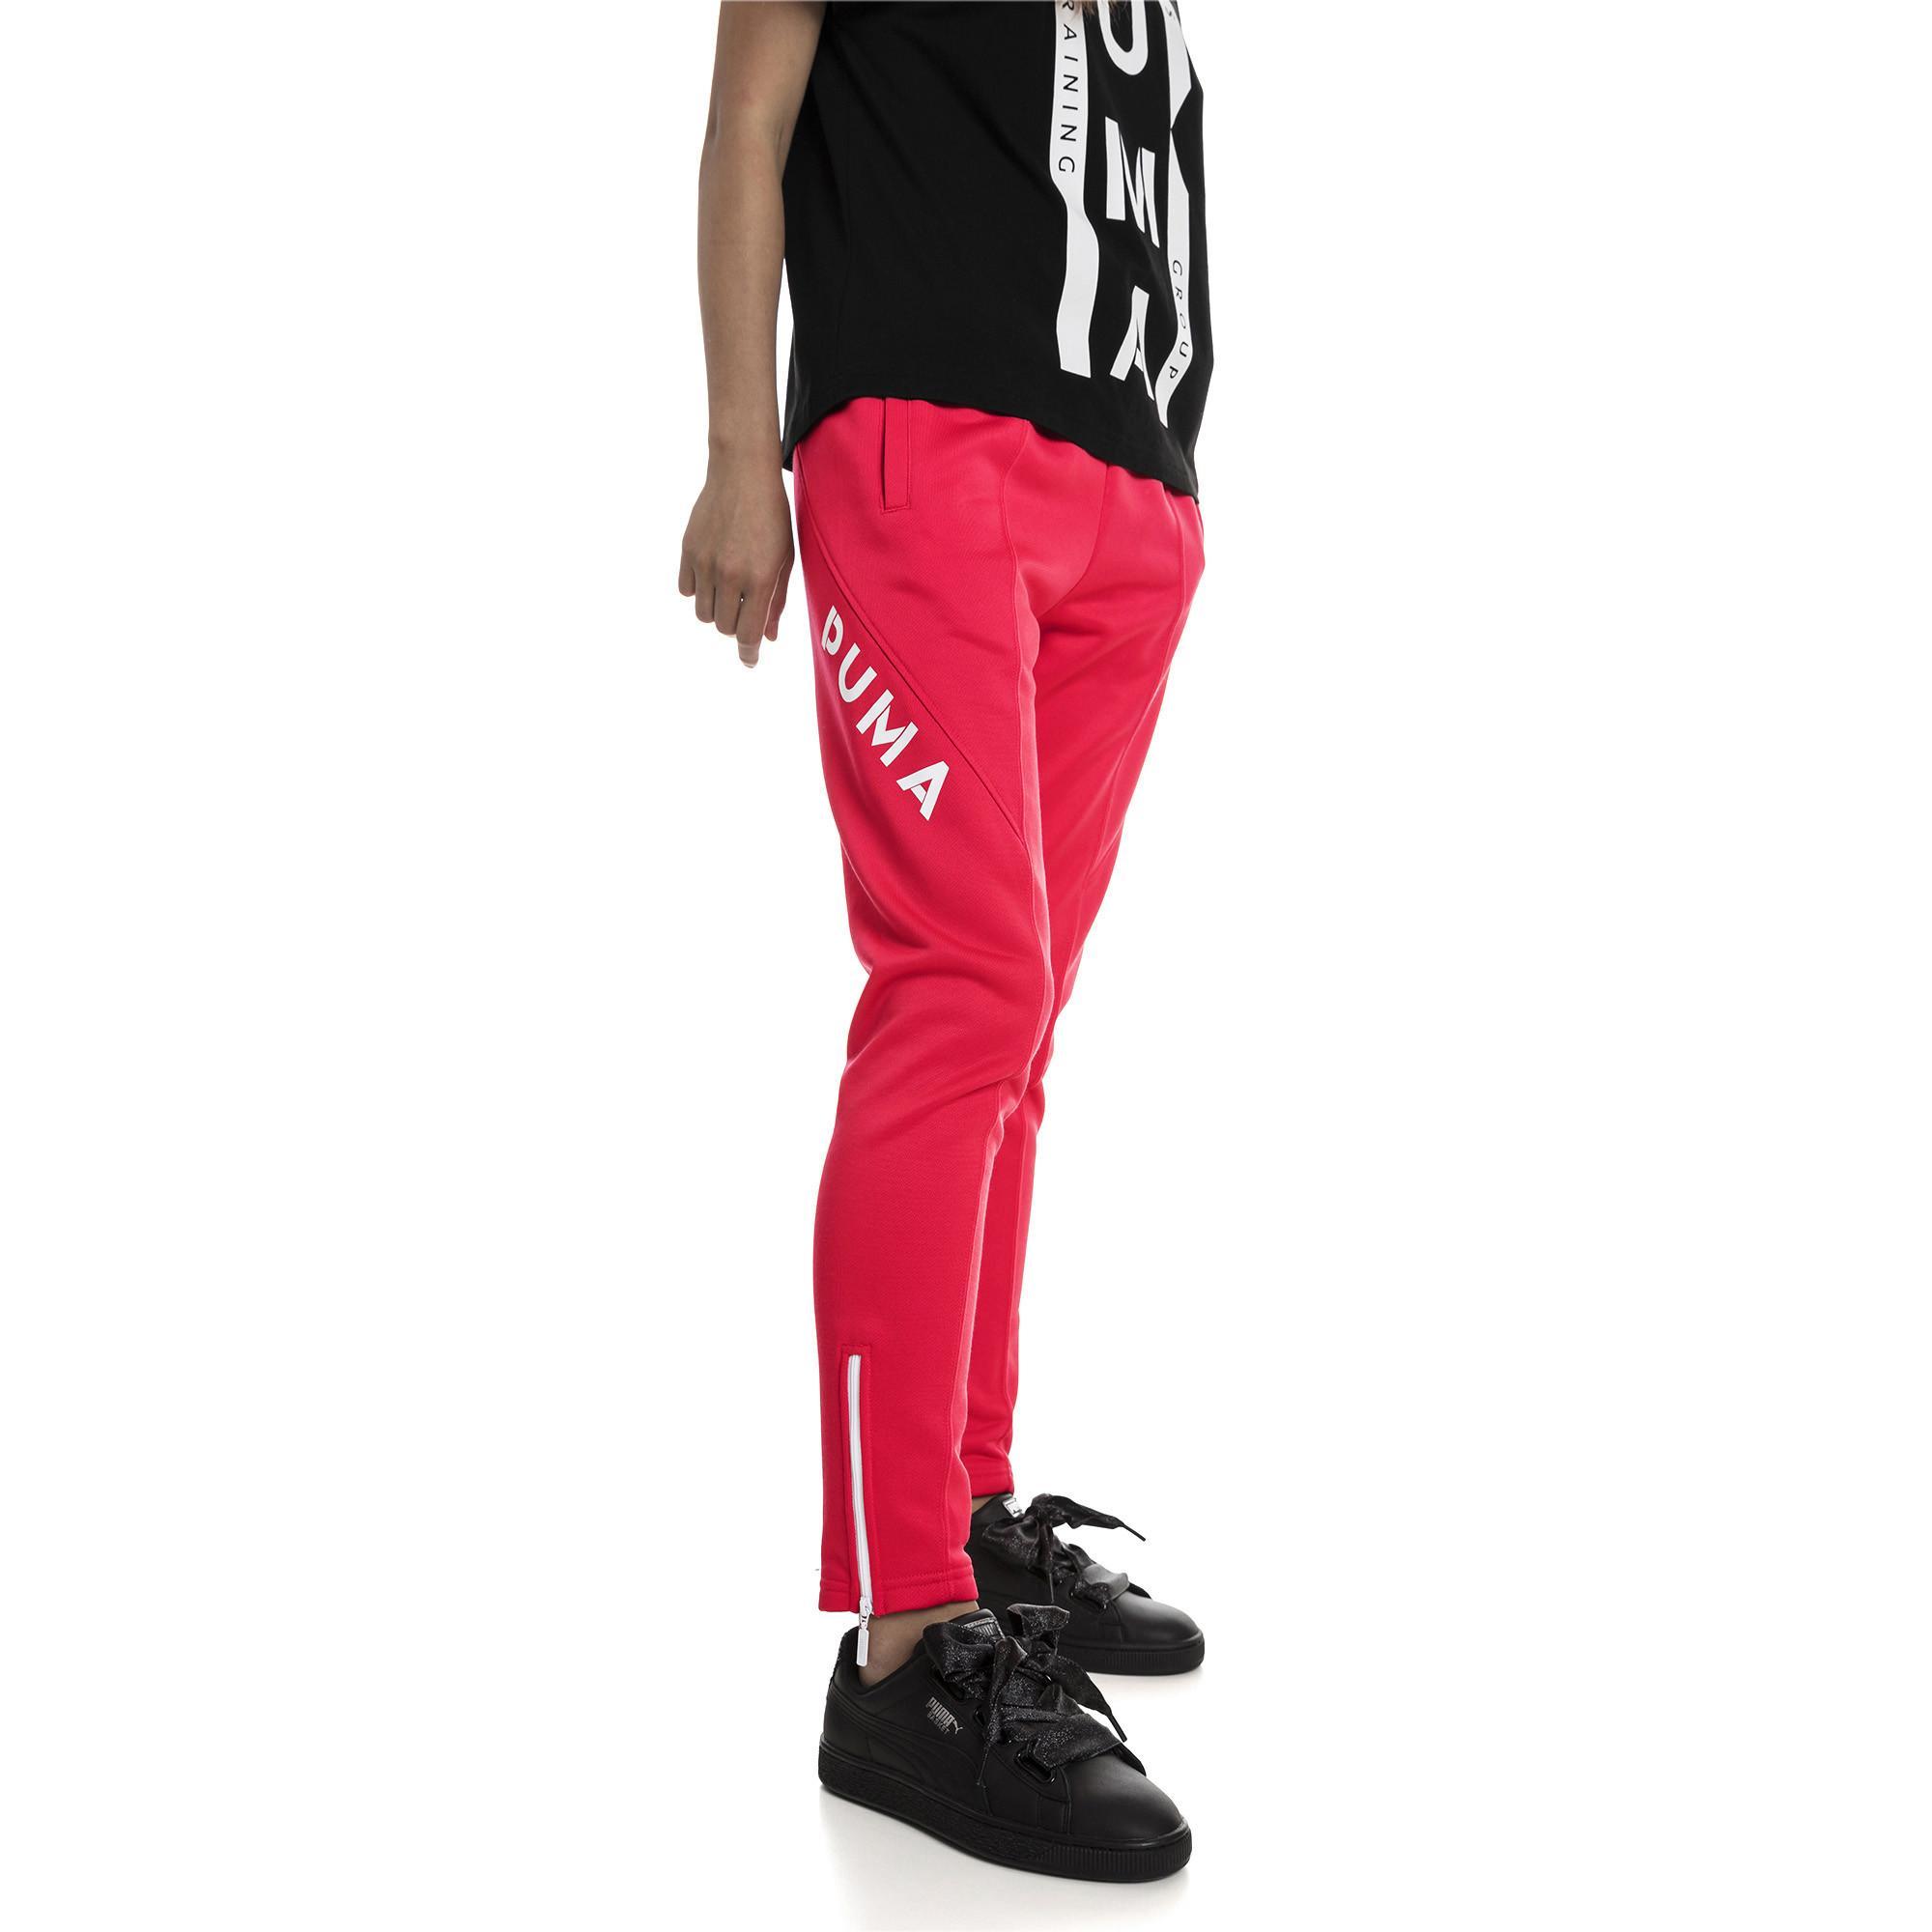 7e20eef4 PUMA PUMA XTG 94 Women's Track Pants 578025